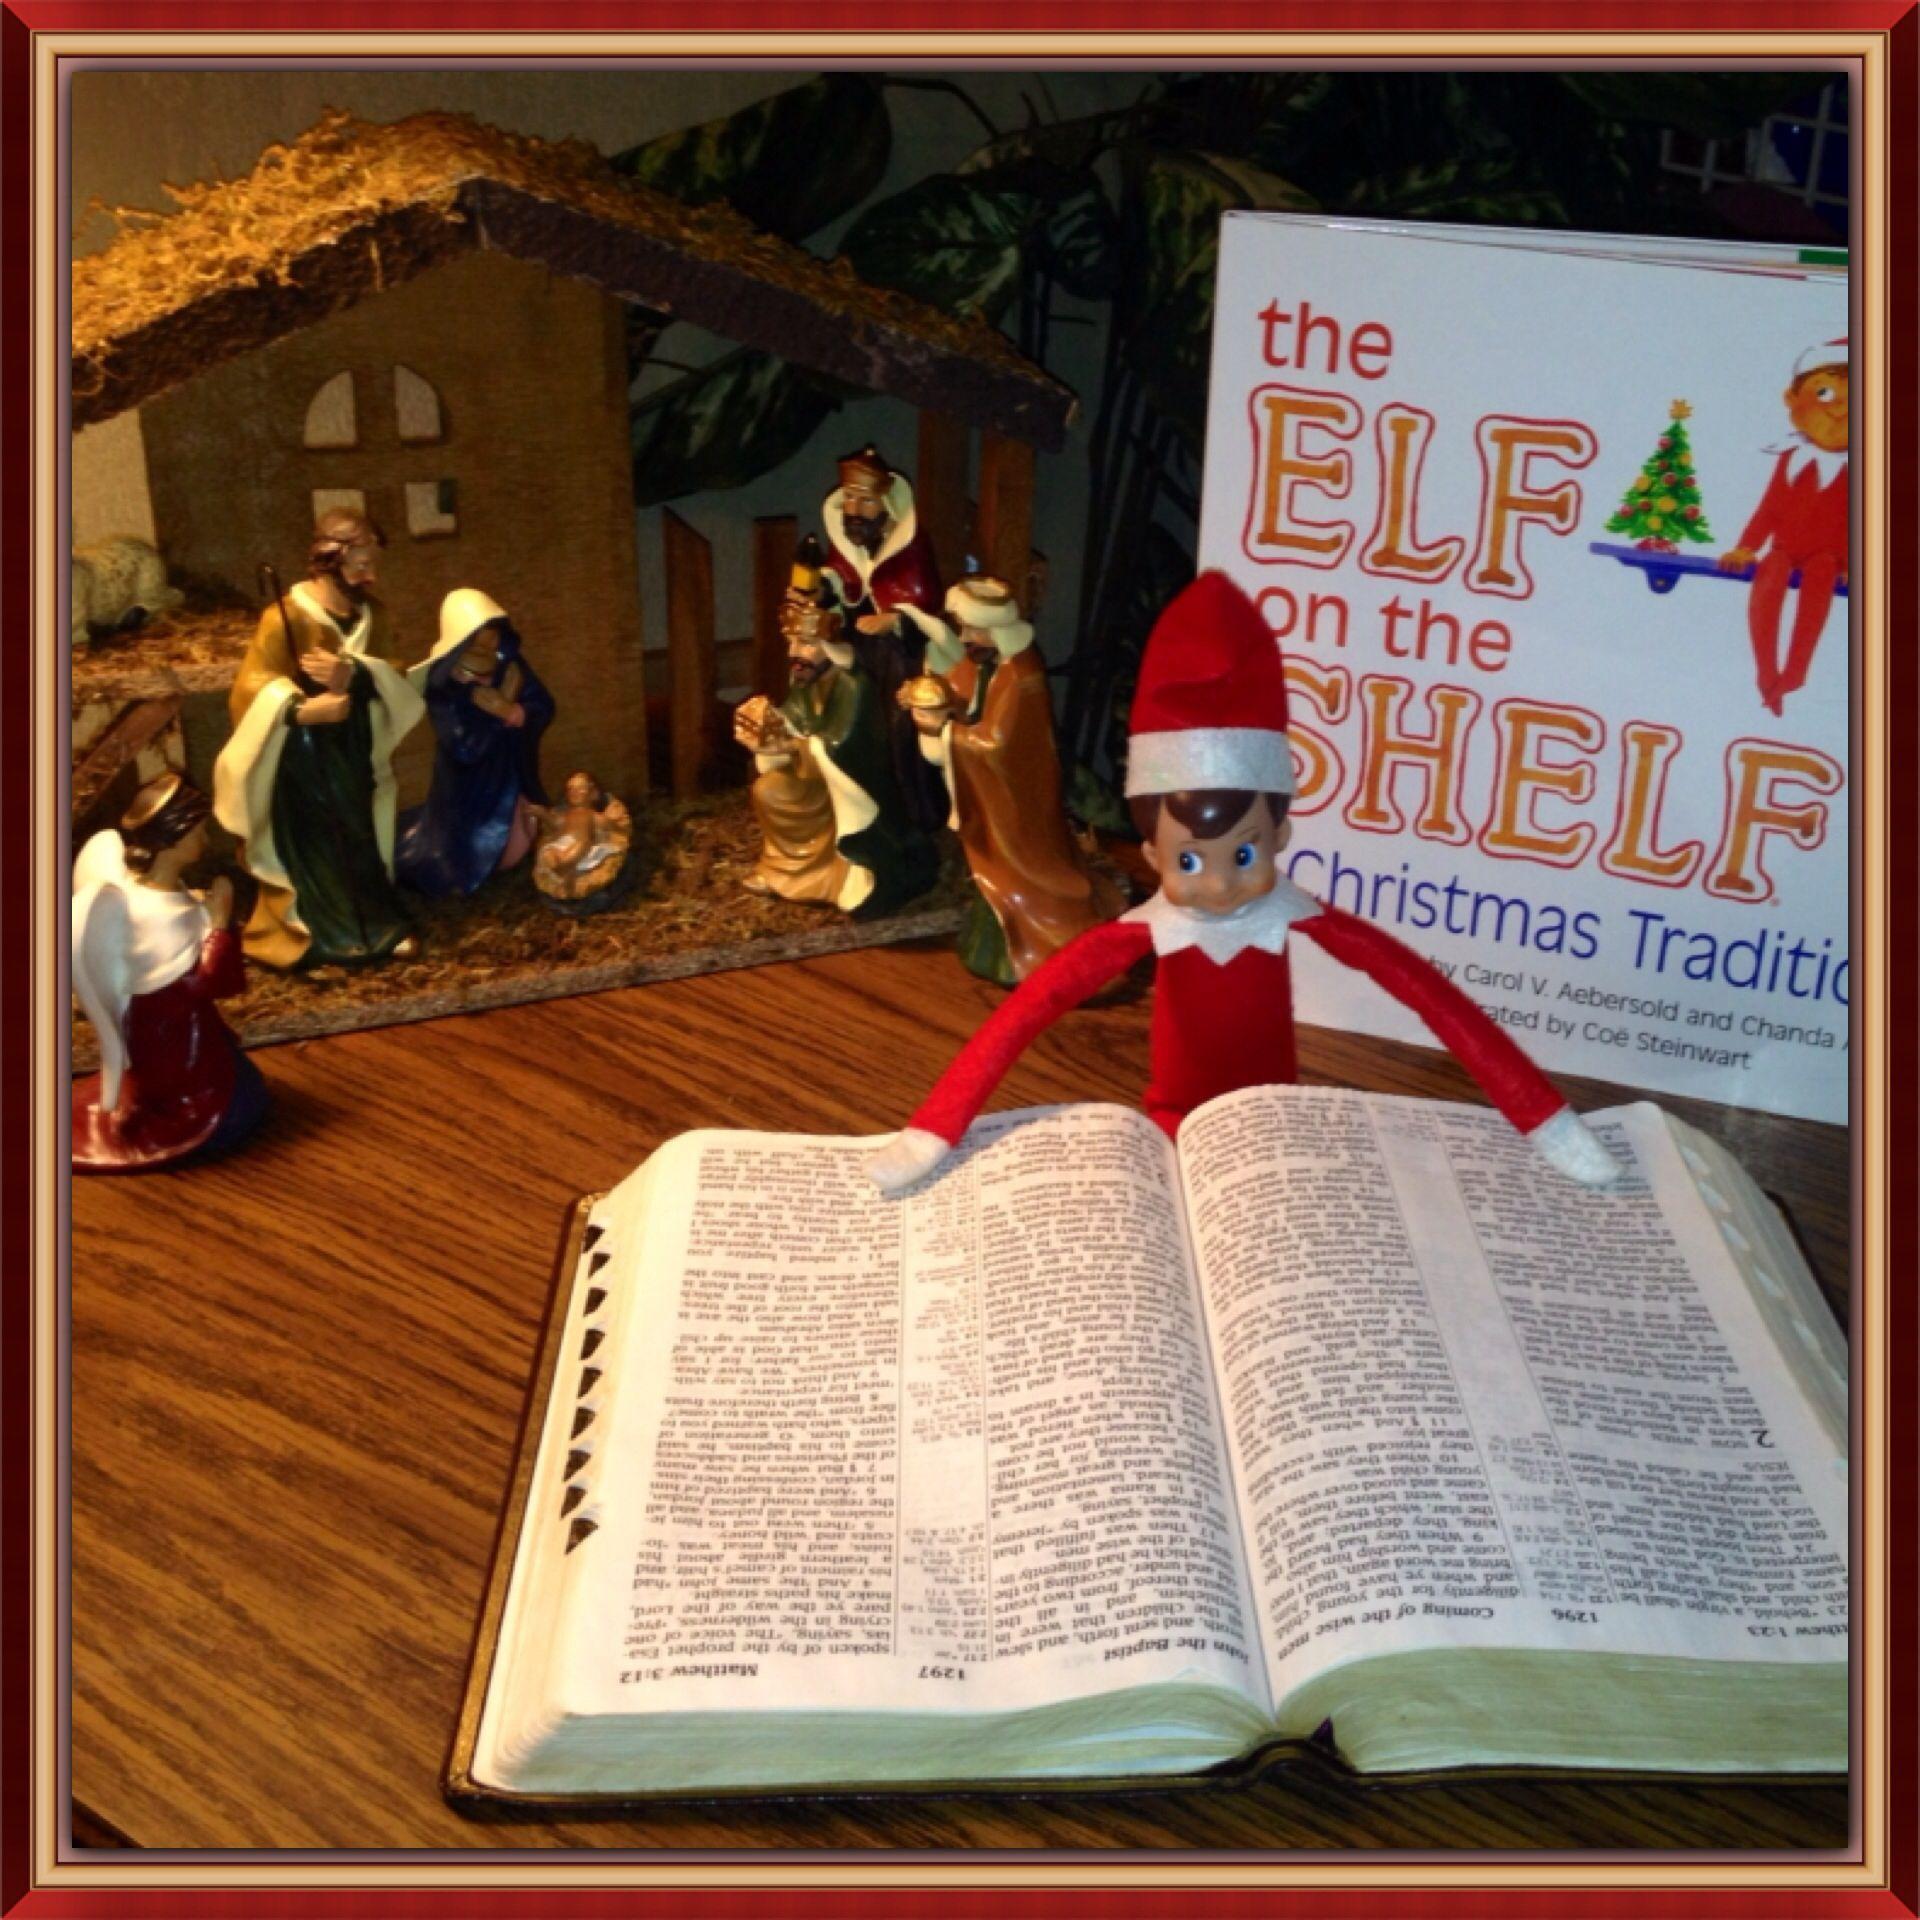 #christmas #delivering #Elf #Scripture #Shelf #Story Elf